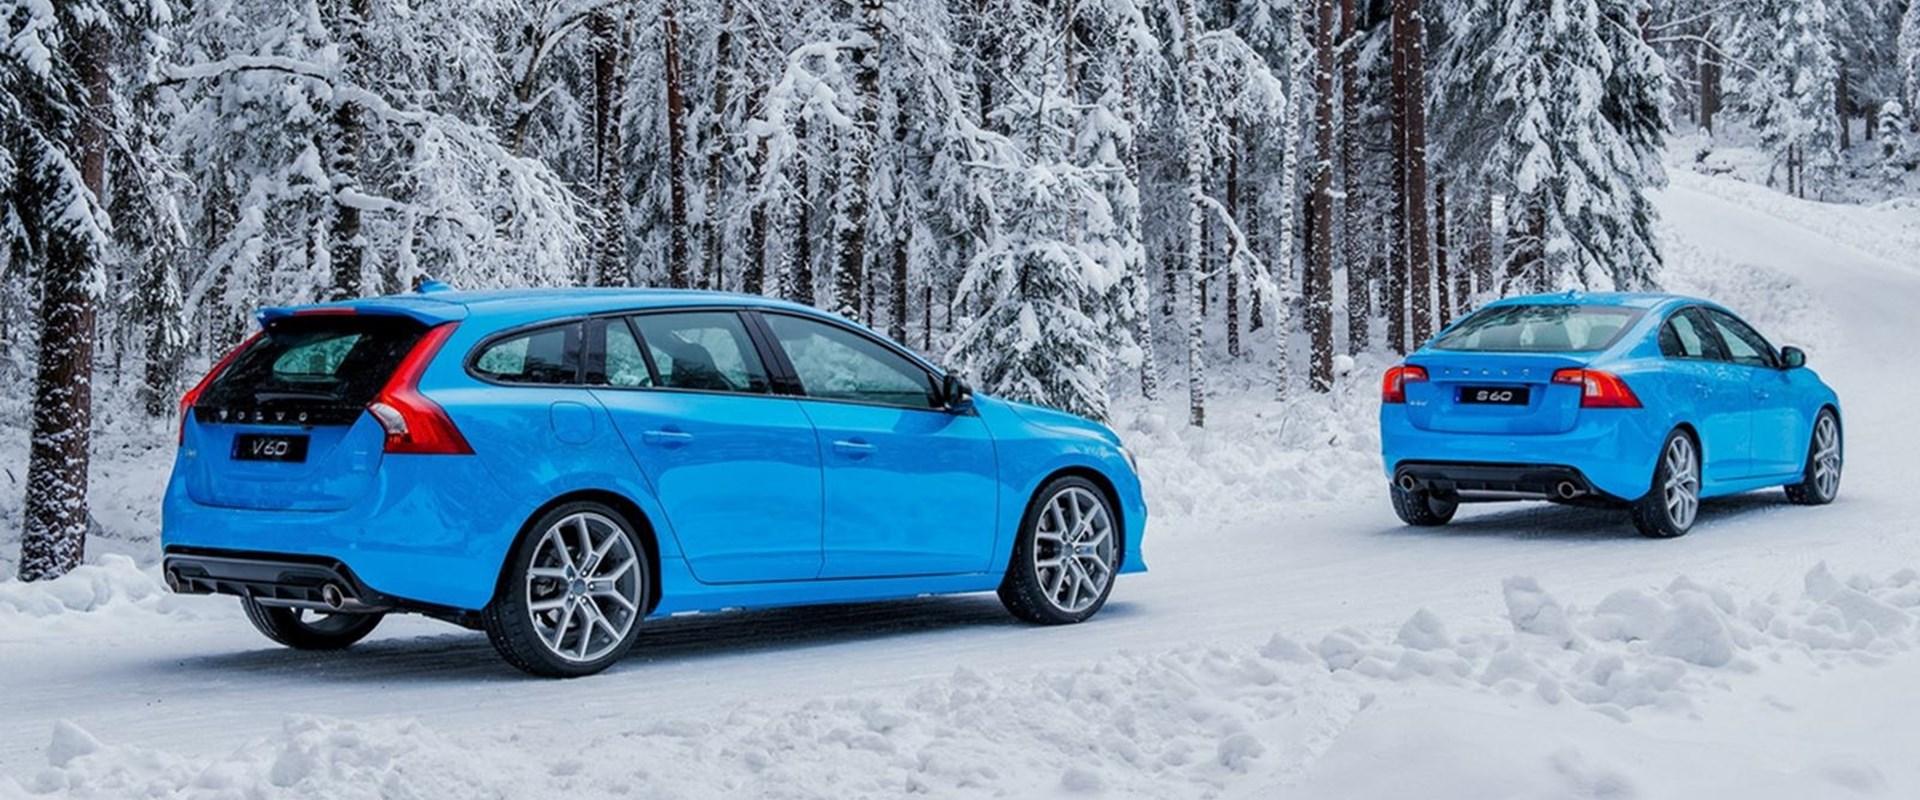 Volvo s60 polestar for sale